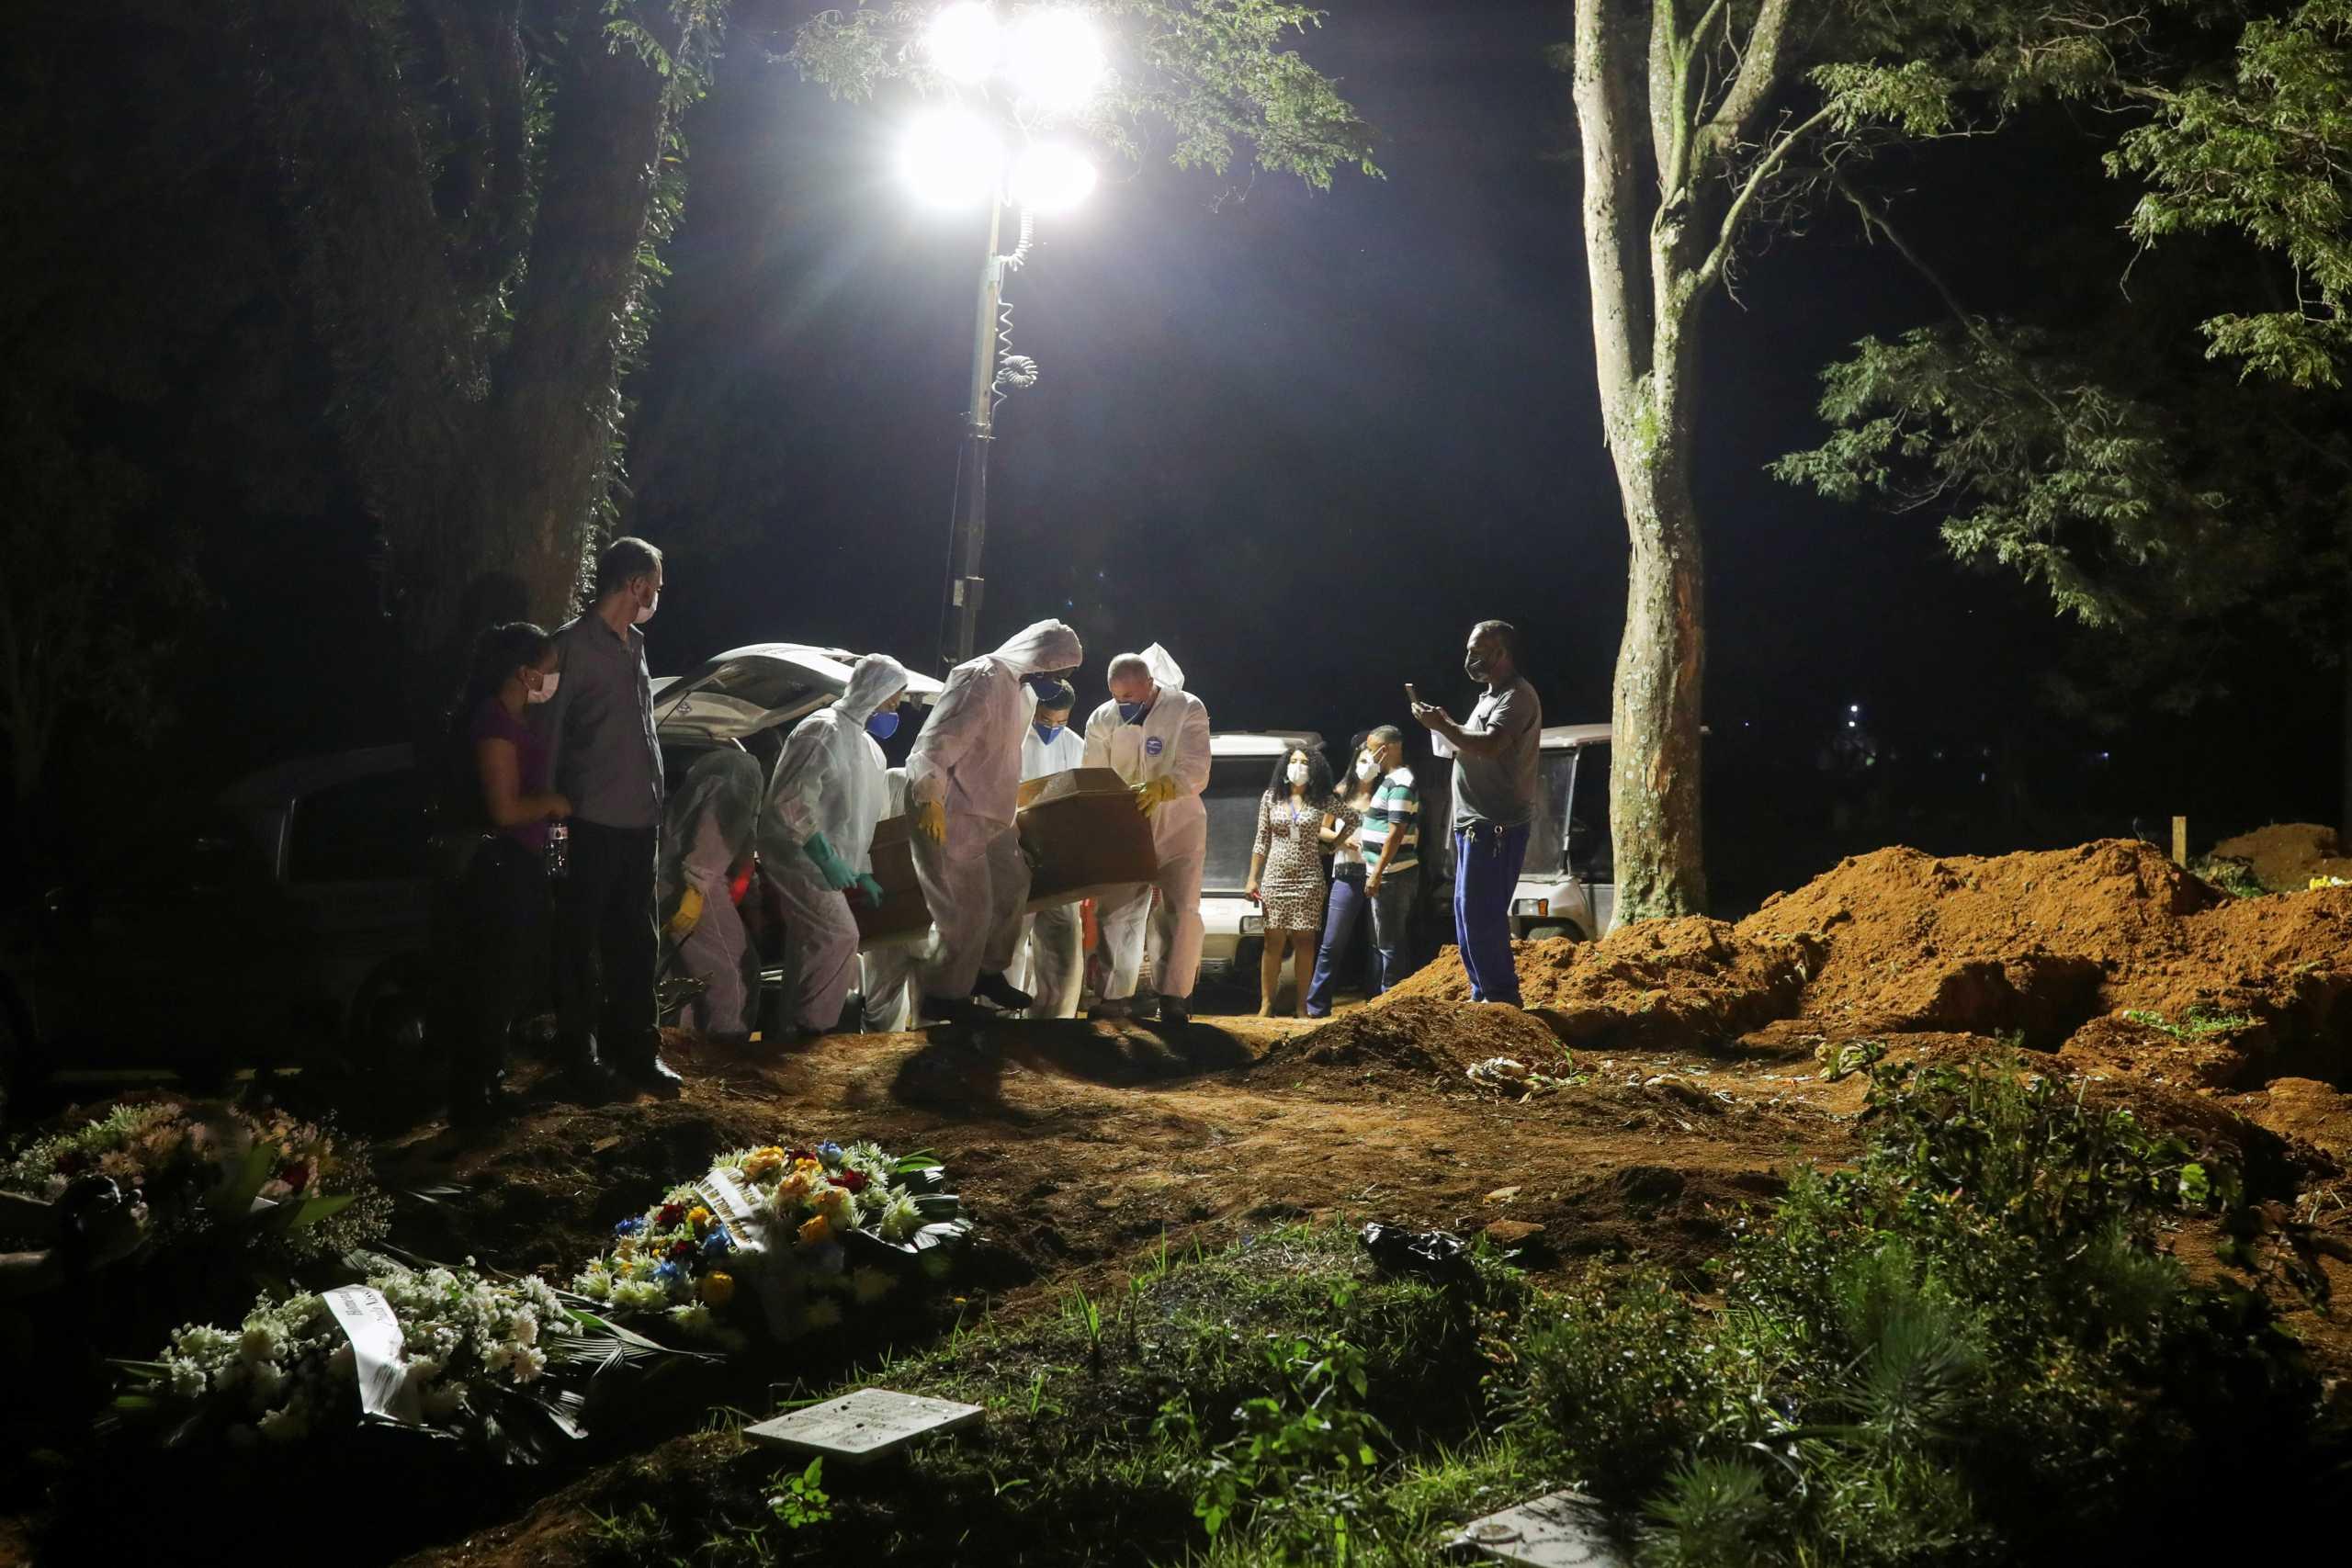 Κορονοϊός – Νέο αρνητικό ρεκόρ στη Βραζιλία: 100.000 κρούσματα σε μια μέρα